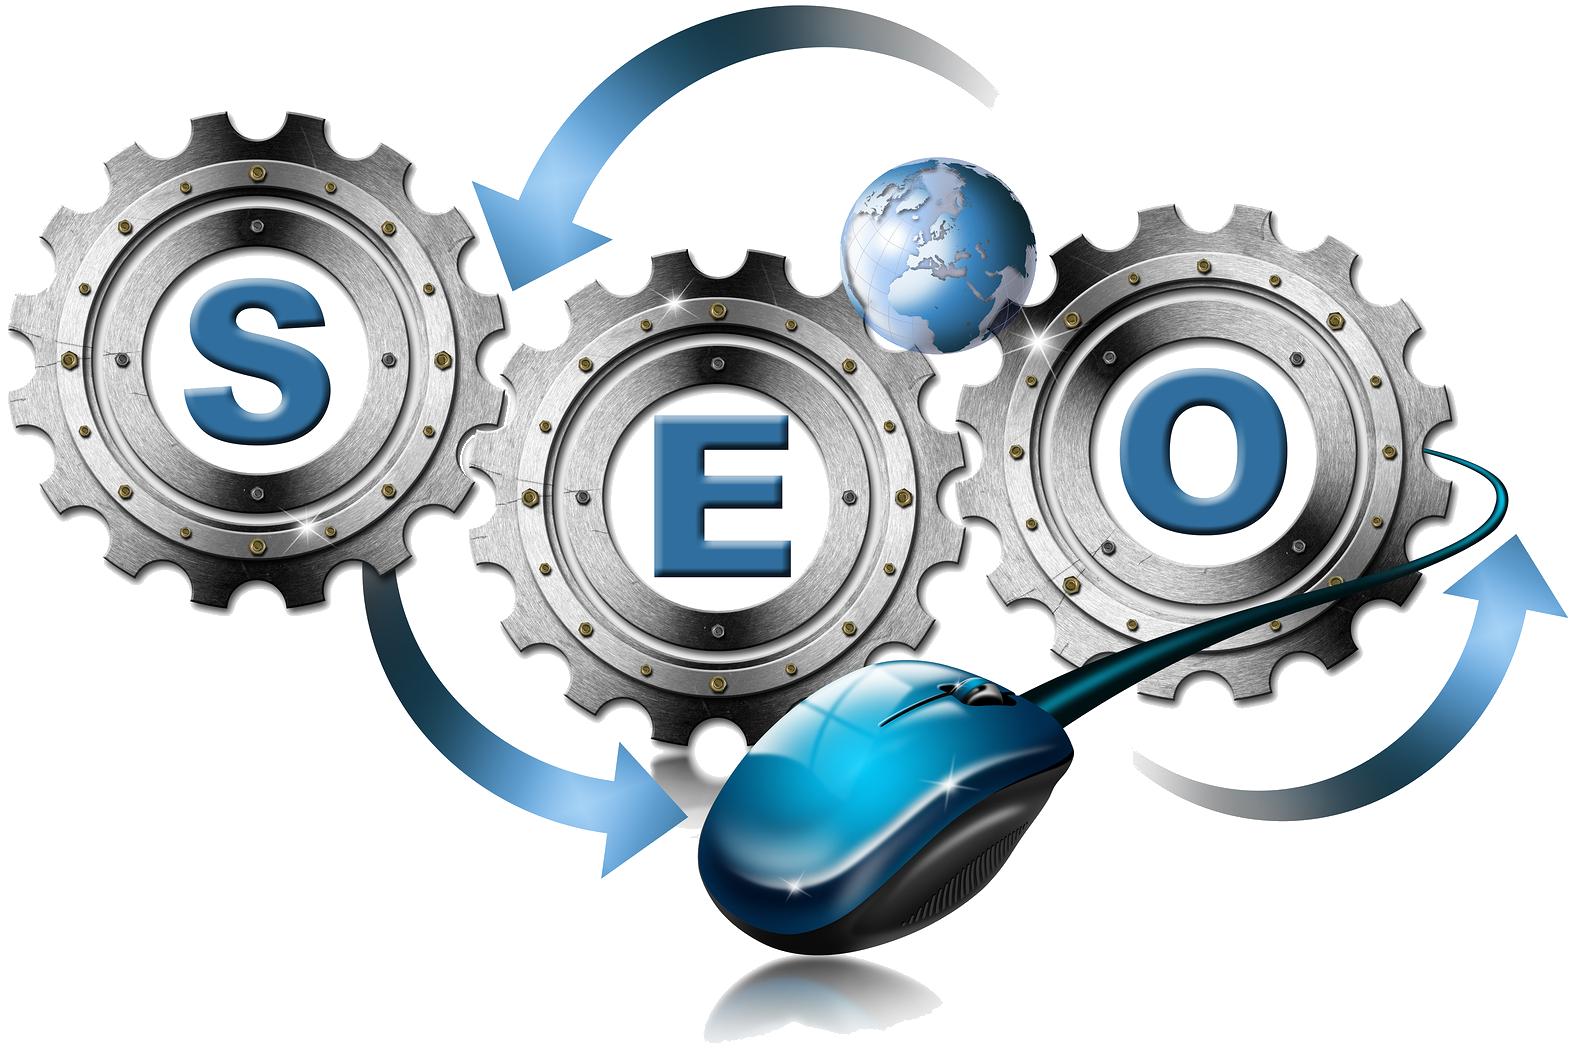 SEO optimizacija, SEM ir Google Adwords trys įrankiai, kurie naudingi Jums